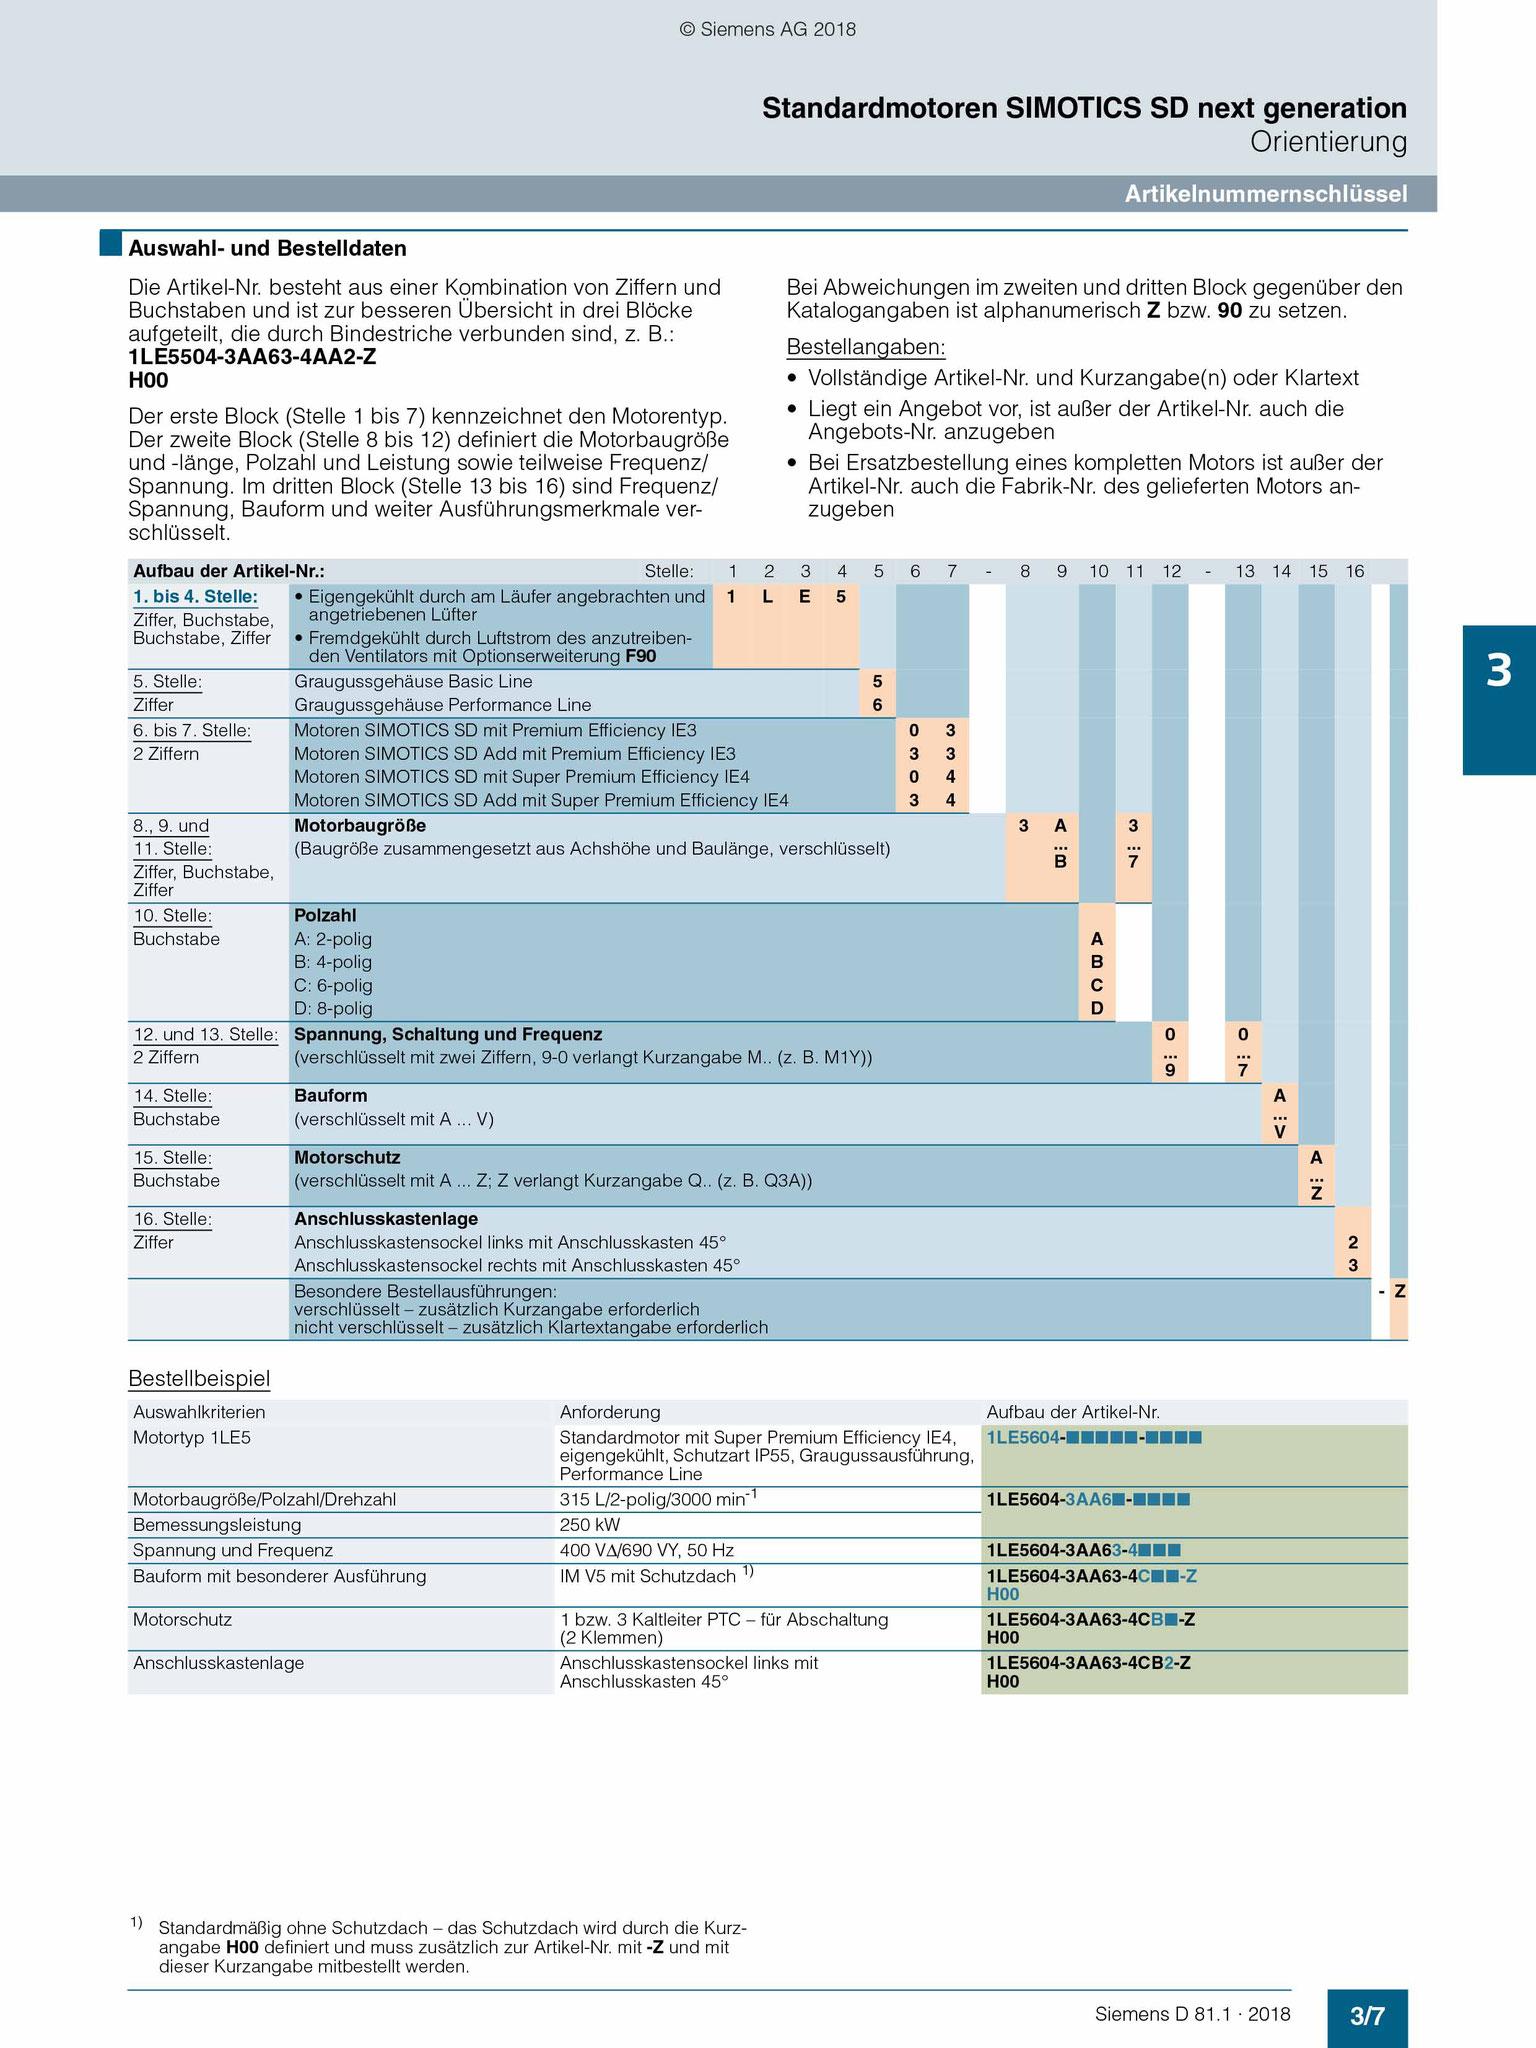 Siemens Katalog (D 81.1): Artikelnummernschlüssel Übersicht © Siemens AG 2020, Alle Rechte vorbehalten